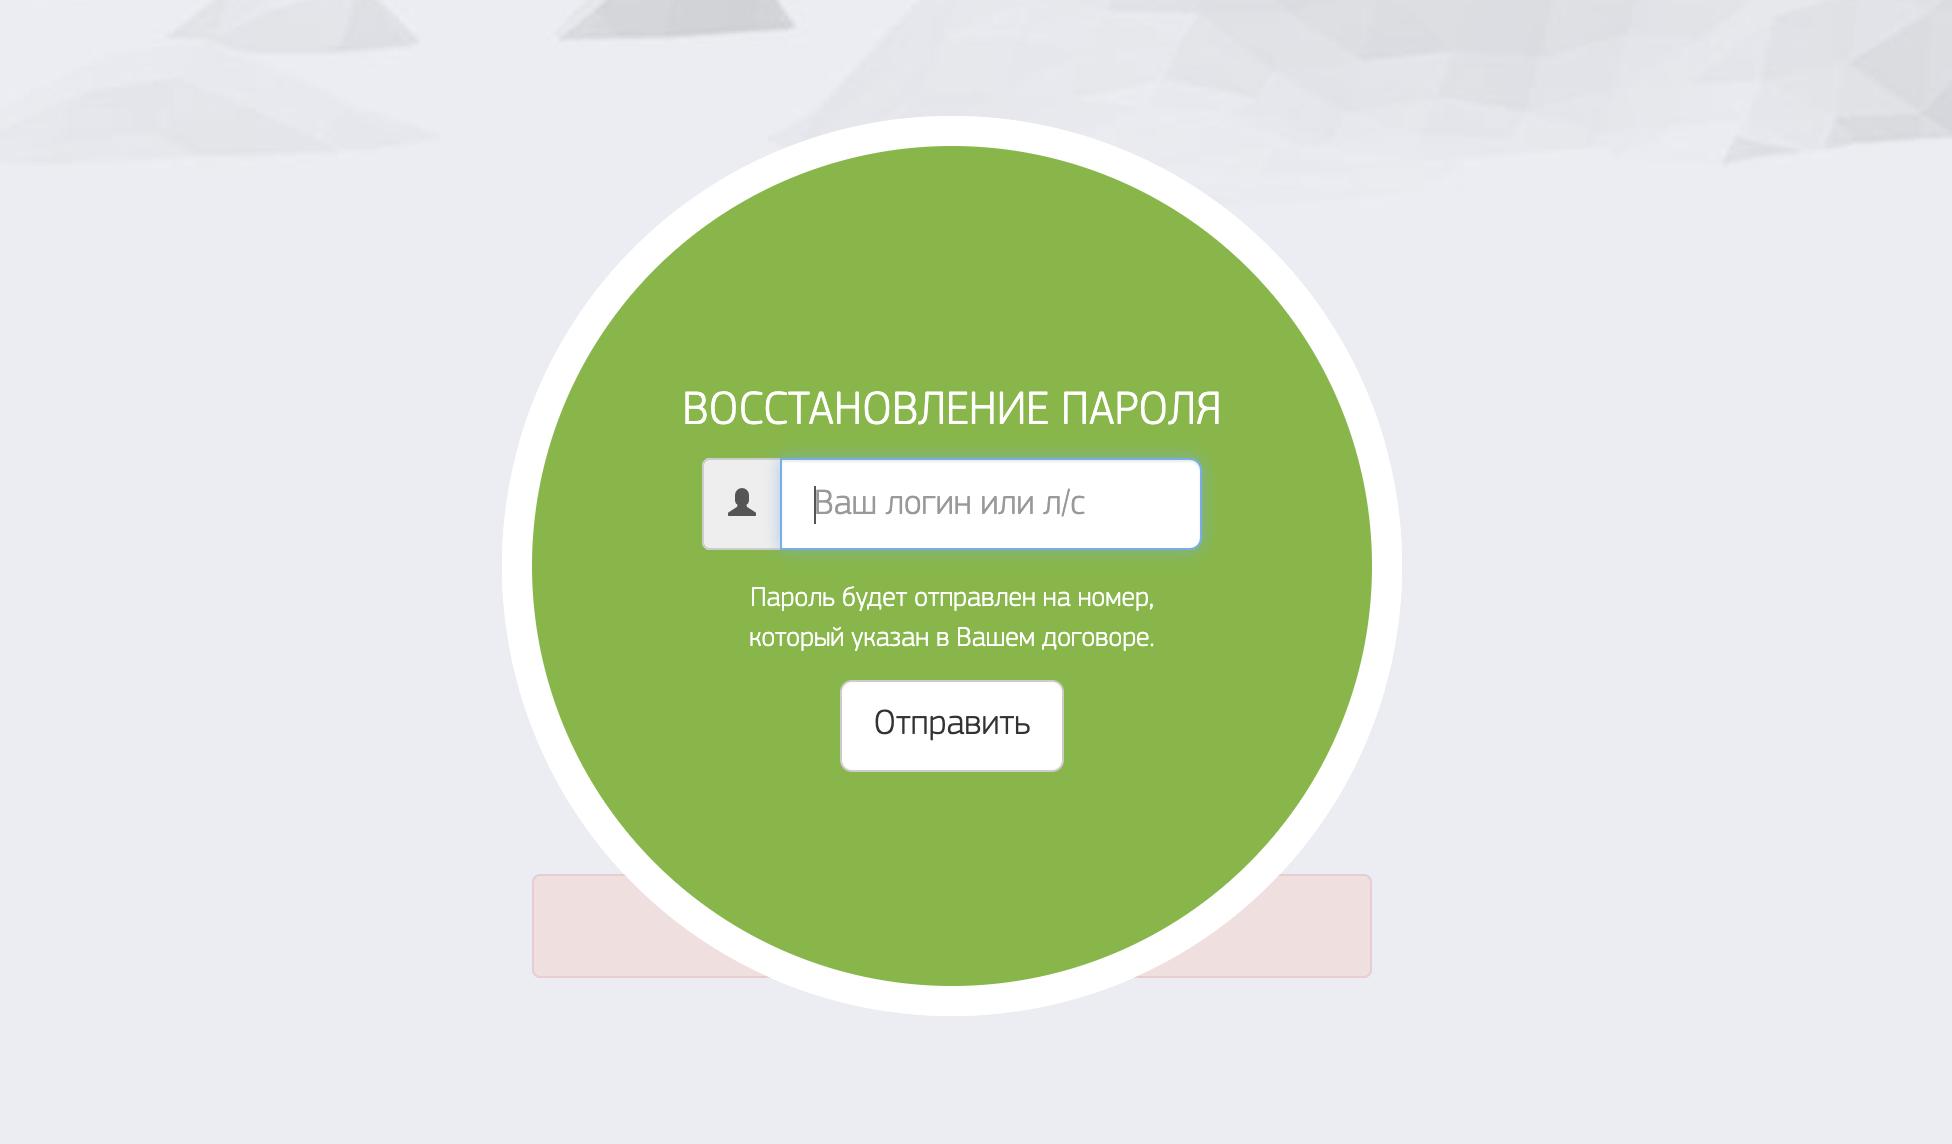 восстановить пароль в личный кабинет Зеленая точка